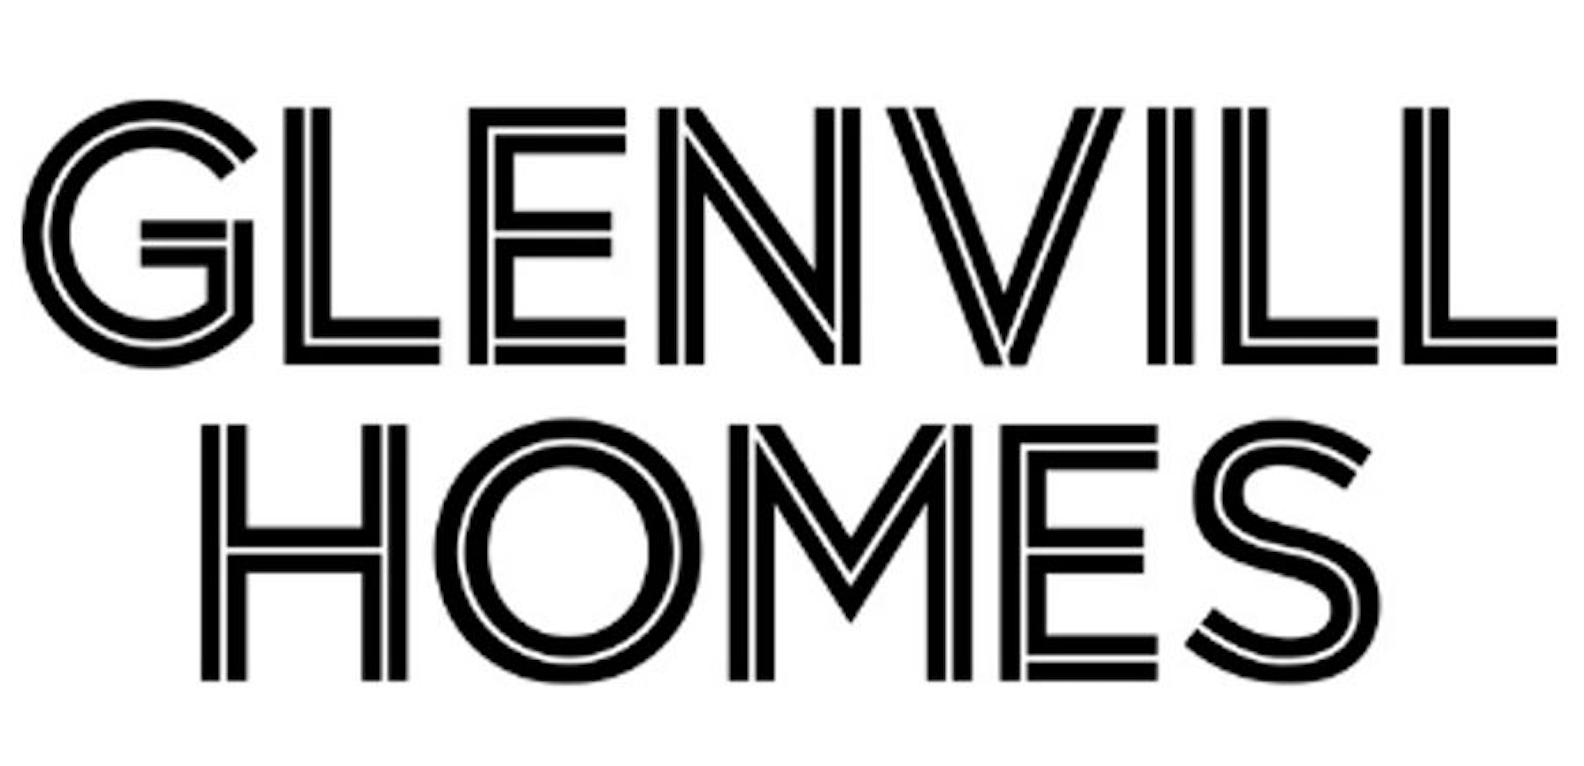 Glenvill partners logo